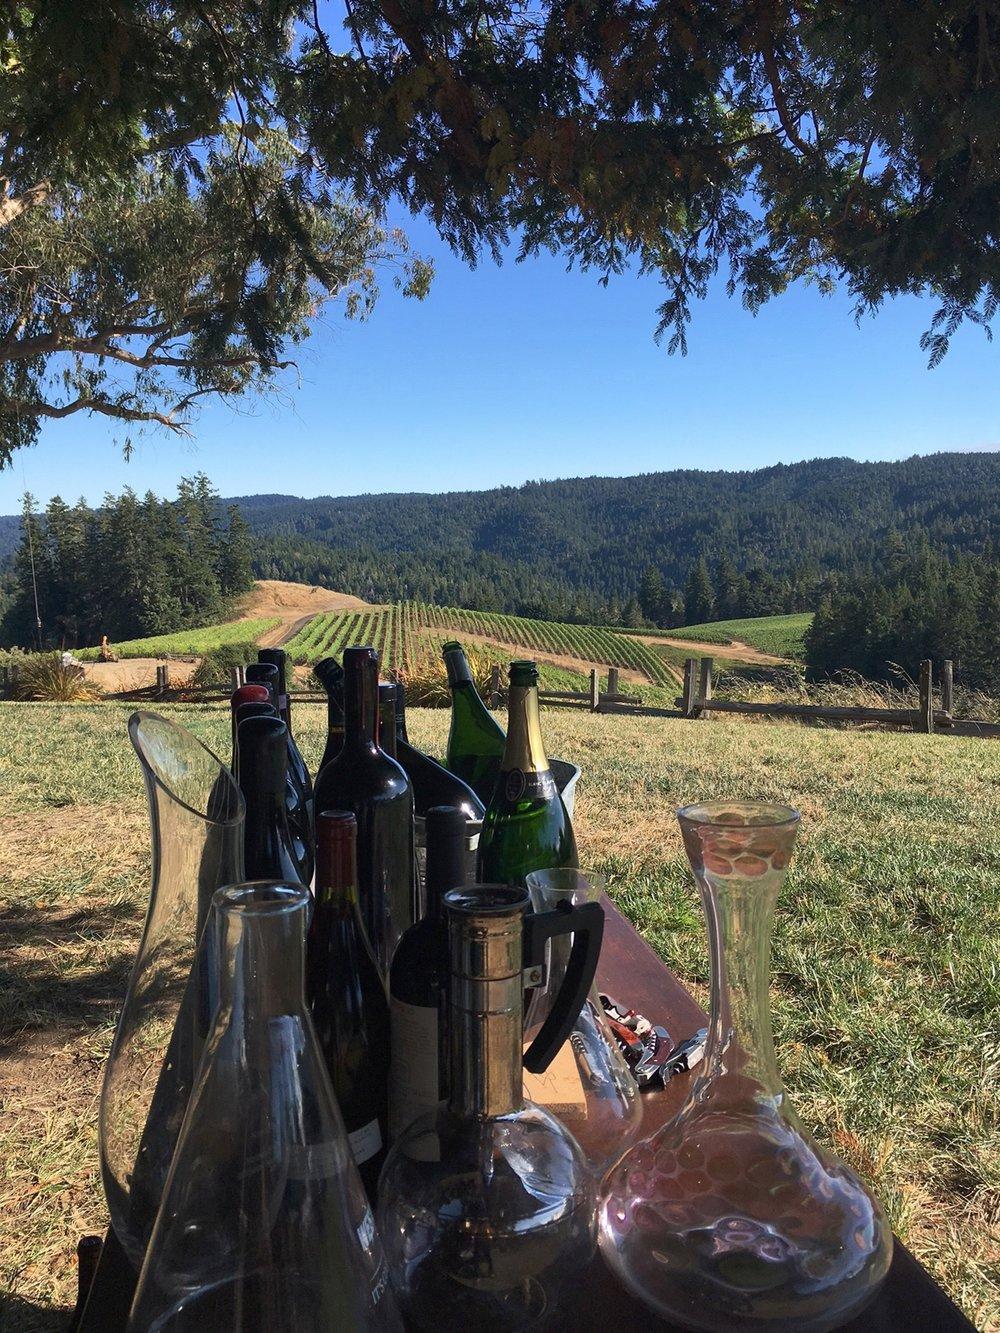 Napa-Vineyard-Wine_Tasting.JPG